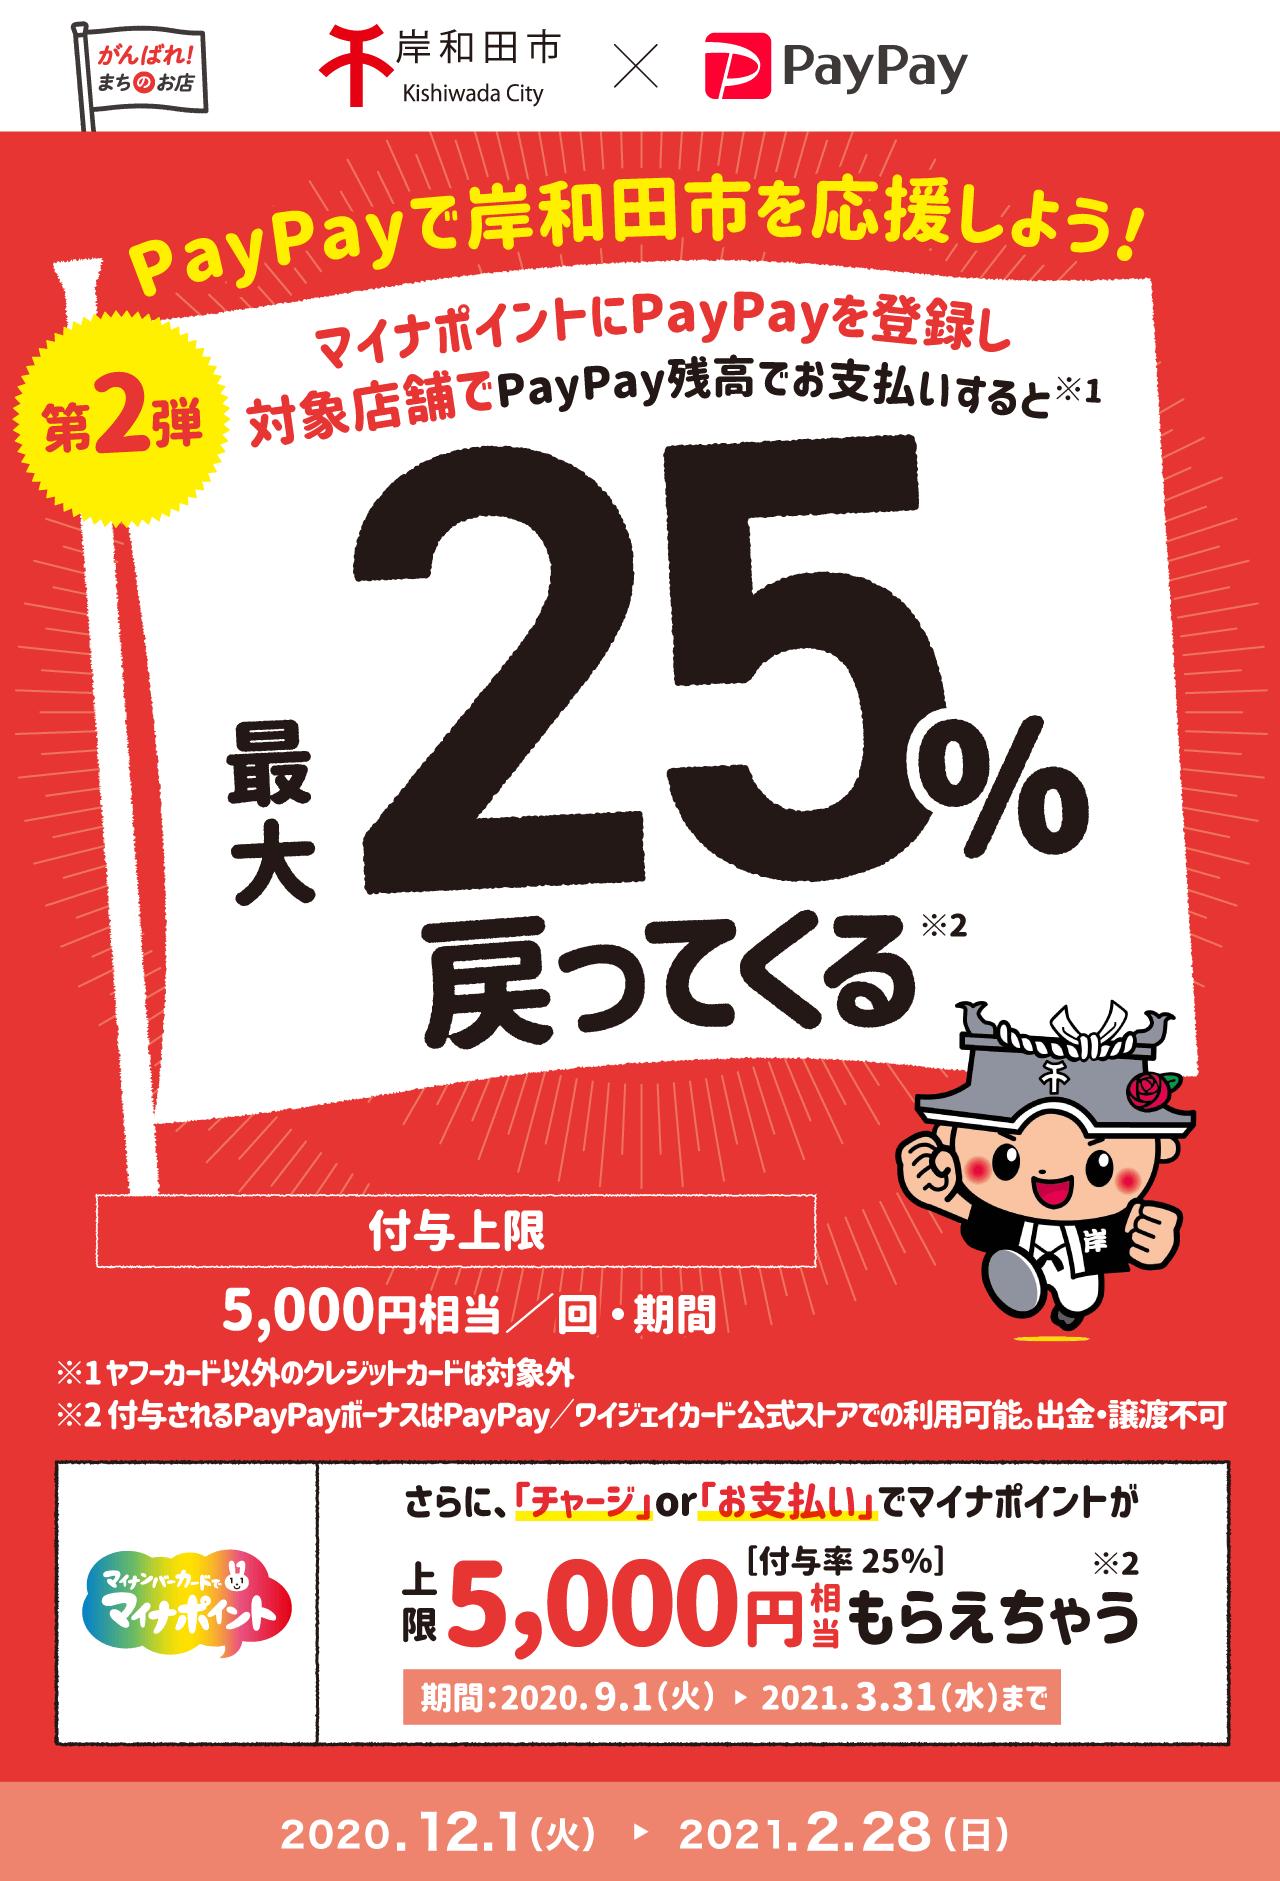 PayPayで岸和田市を応援しよう! 第2弾 マイナポイントにPayPayを登録し対象店舗でPayPay残高でお支払いすると 最大25%戻ってくる